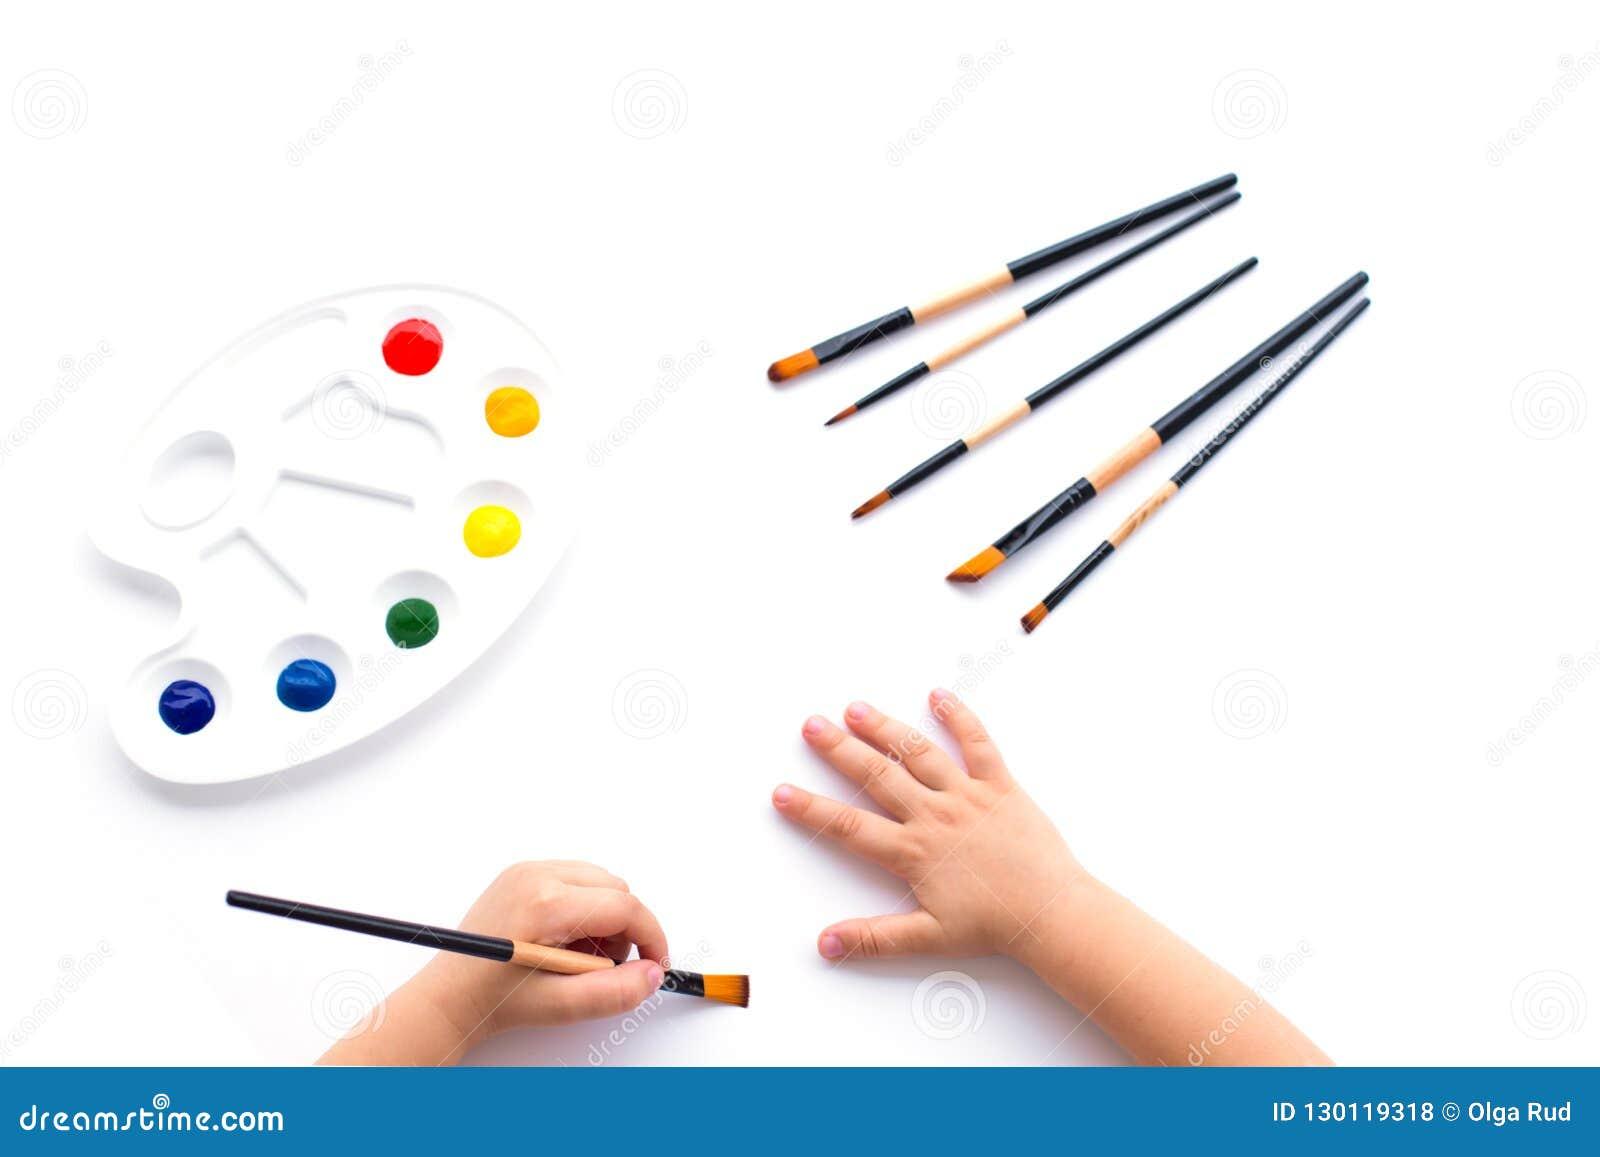 Χρώματα, βούρτσες και χέρια του παιδιού